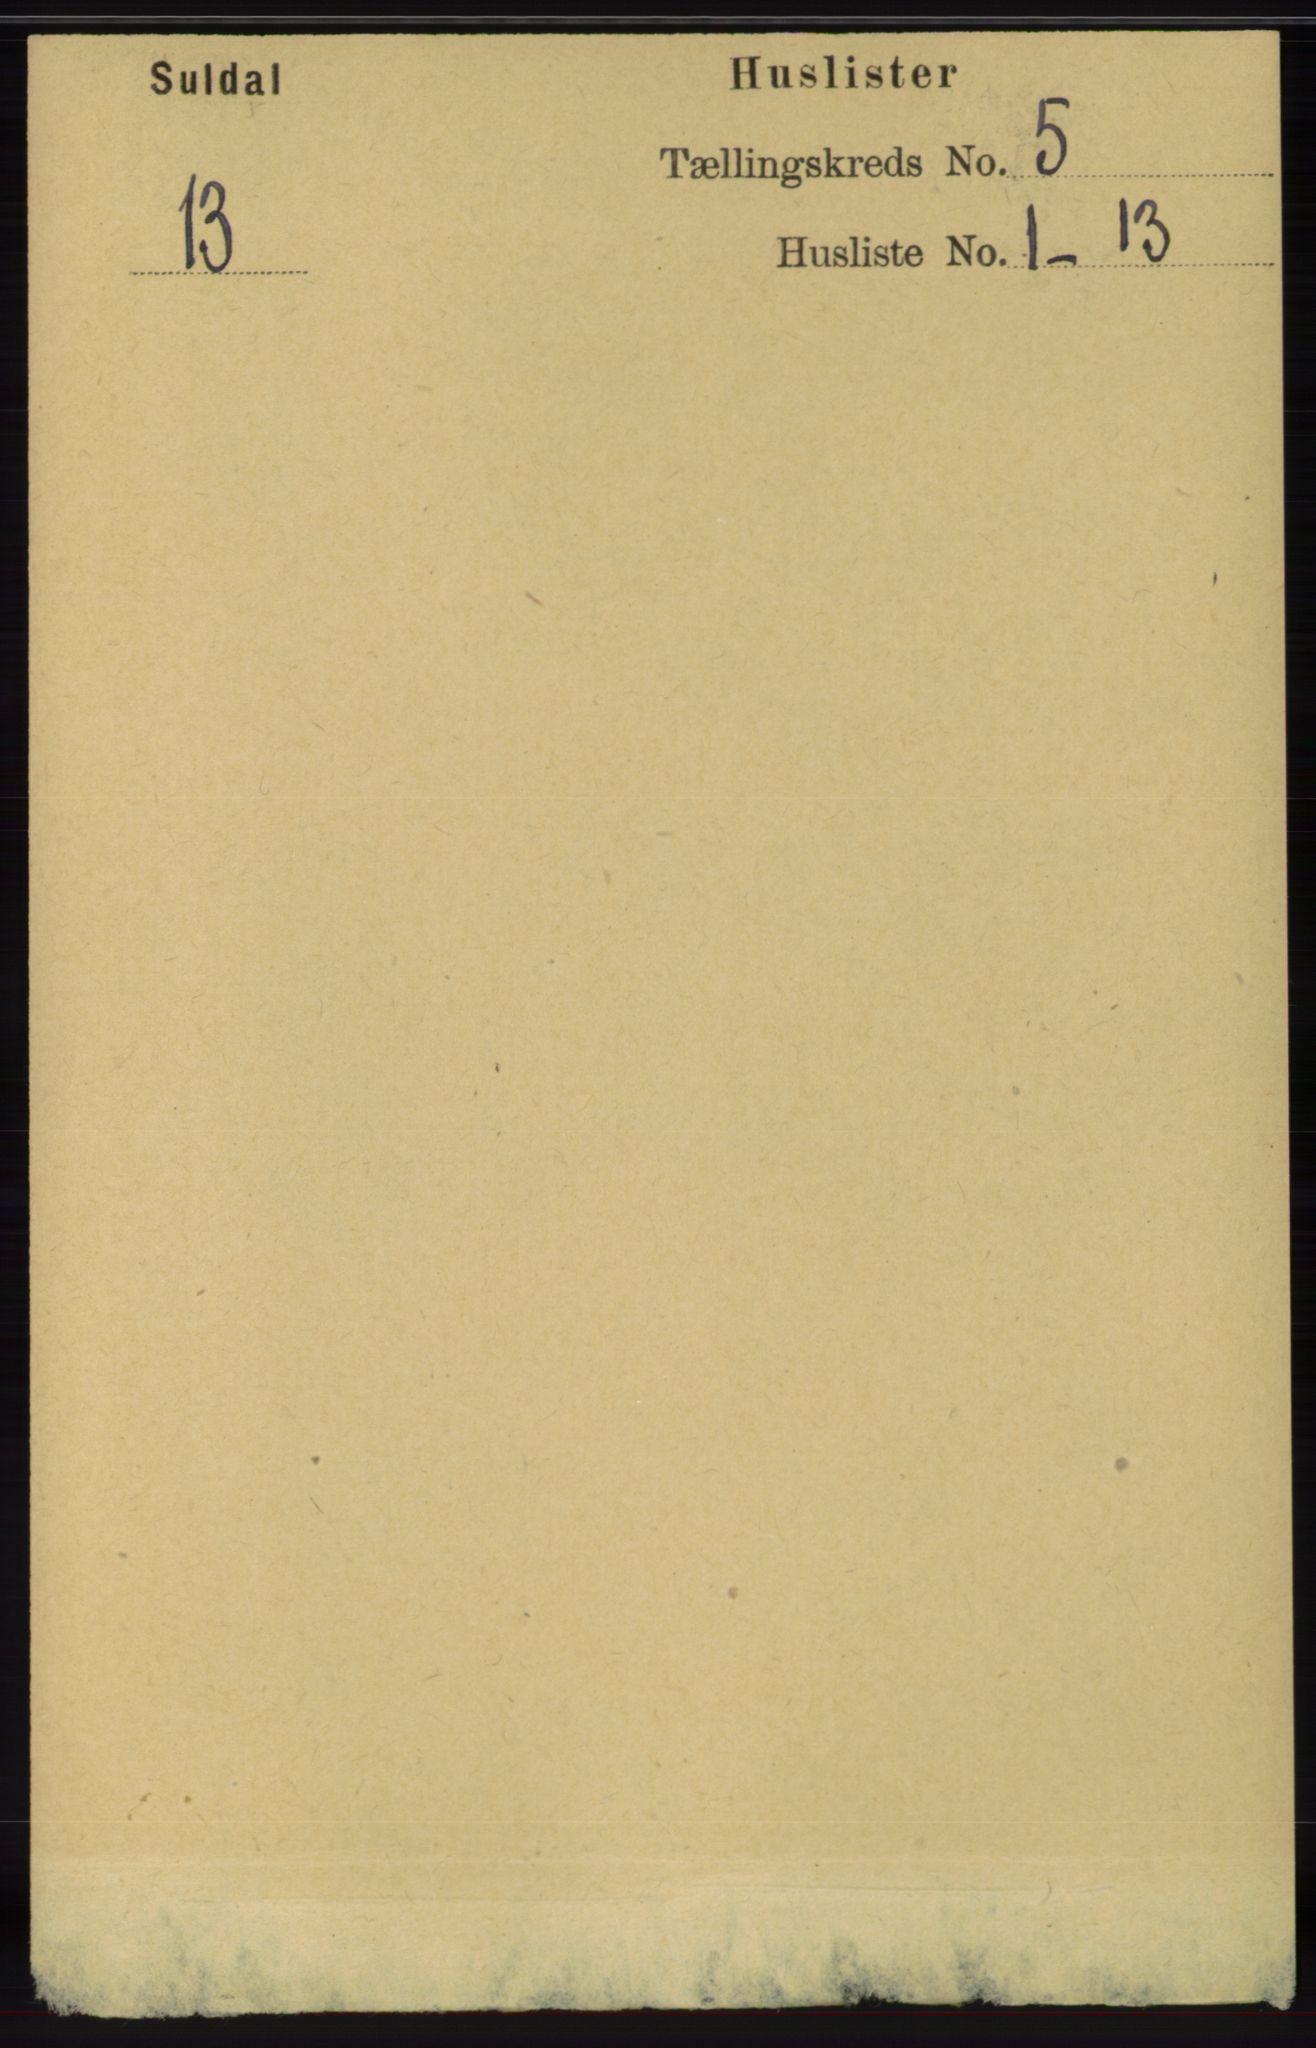 RA, Folketelling 1891 for 1134 Suldal herred, 1891, s. 1443